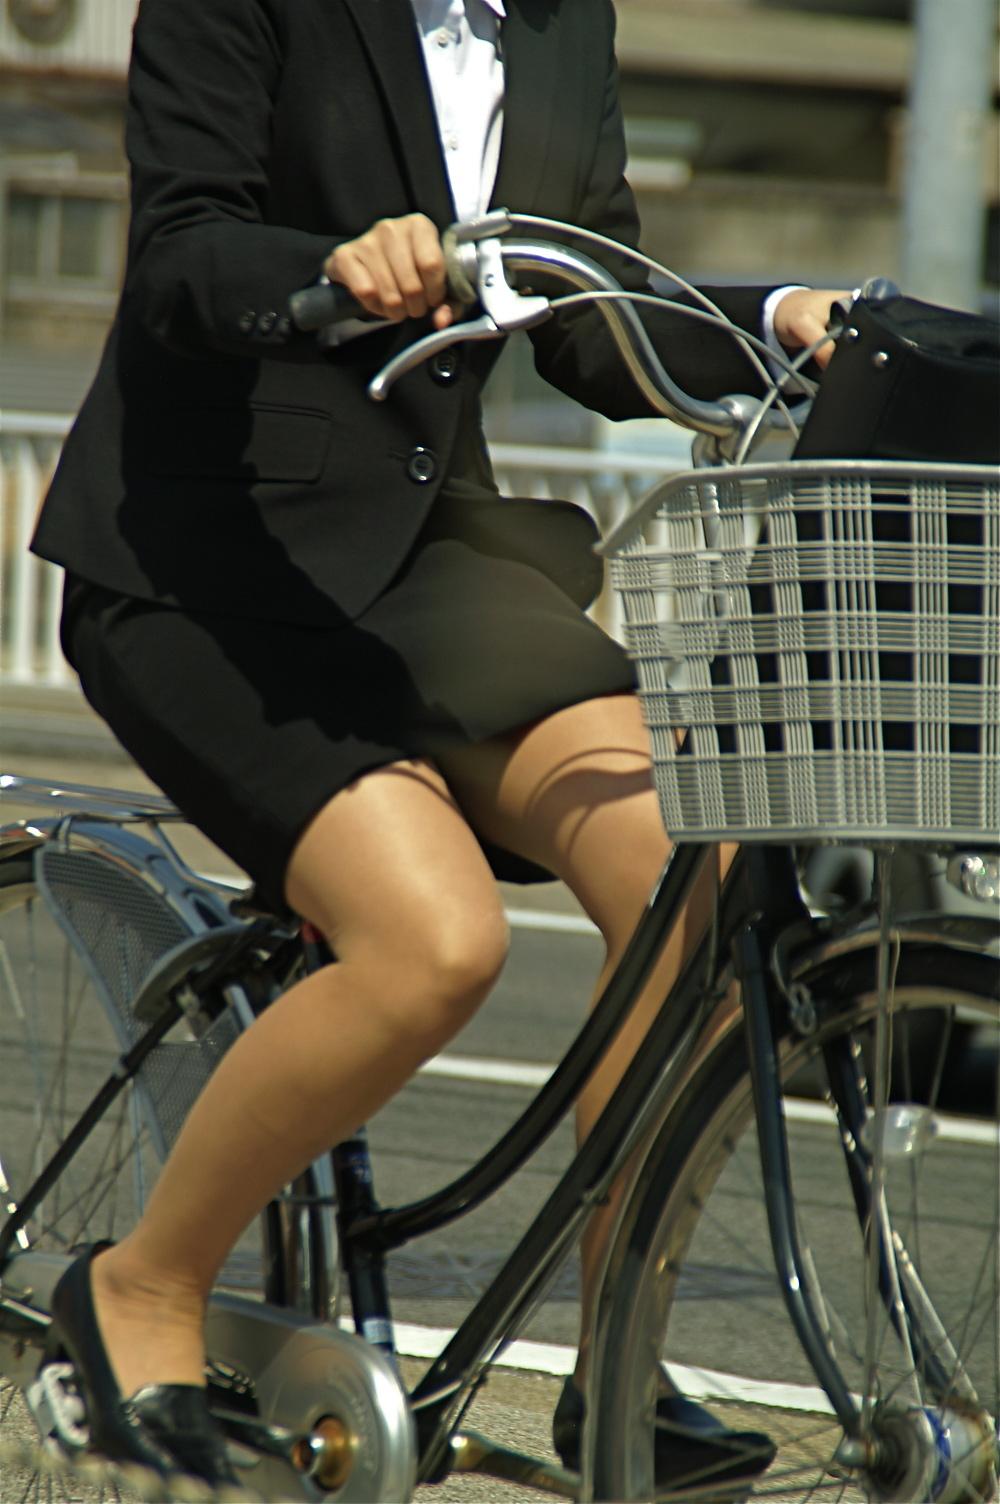 白スーツの自転車OLパンティライン盗撮エロ画像8枚目